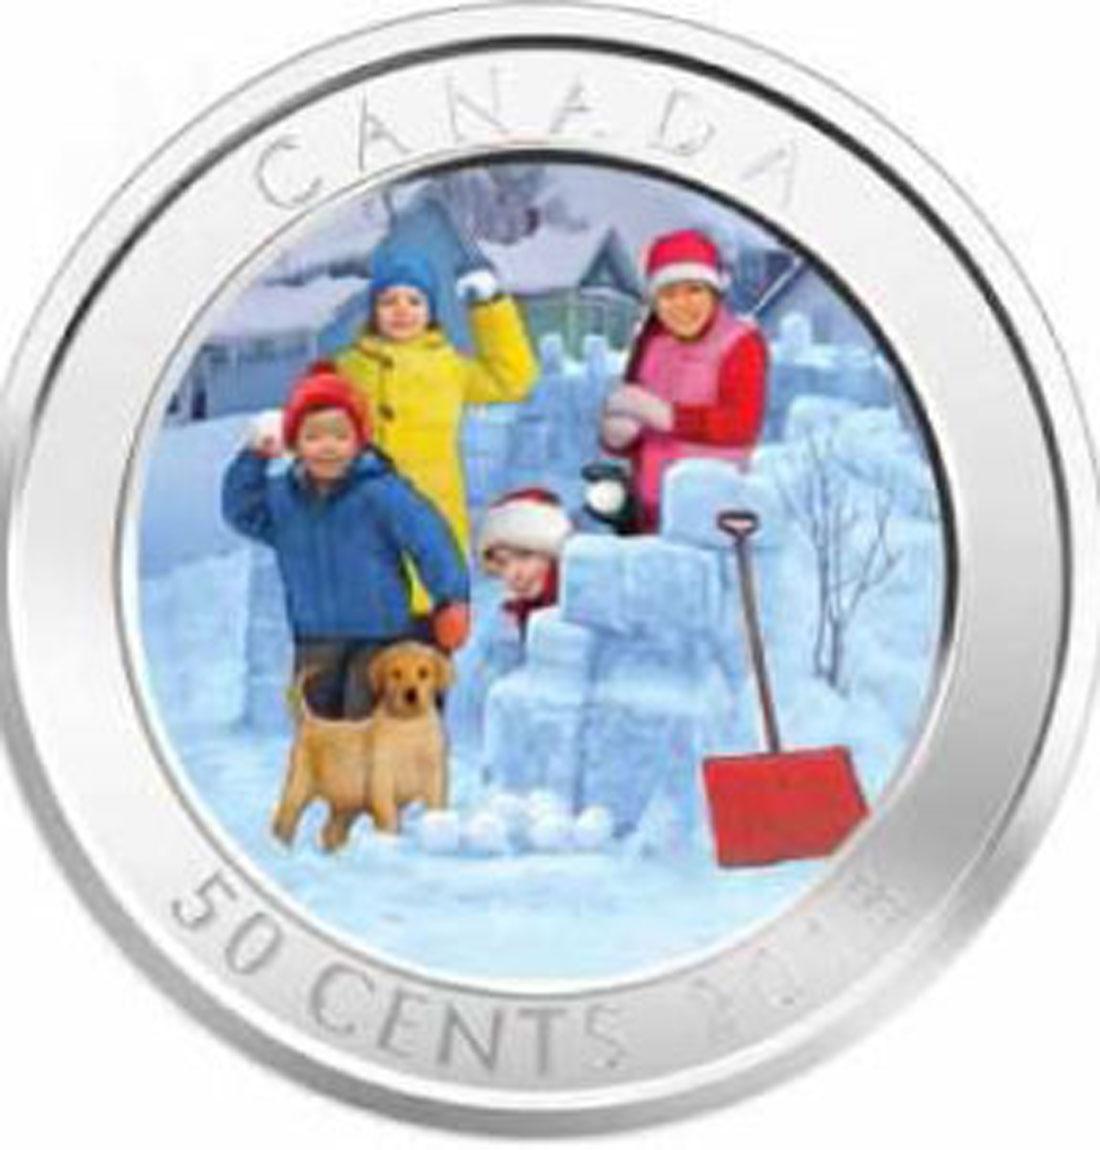 Übersicht:Kanada : 50 Cent Schneeballschlacht - Lenticular Coin  2018 Stgl.